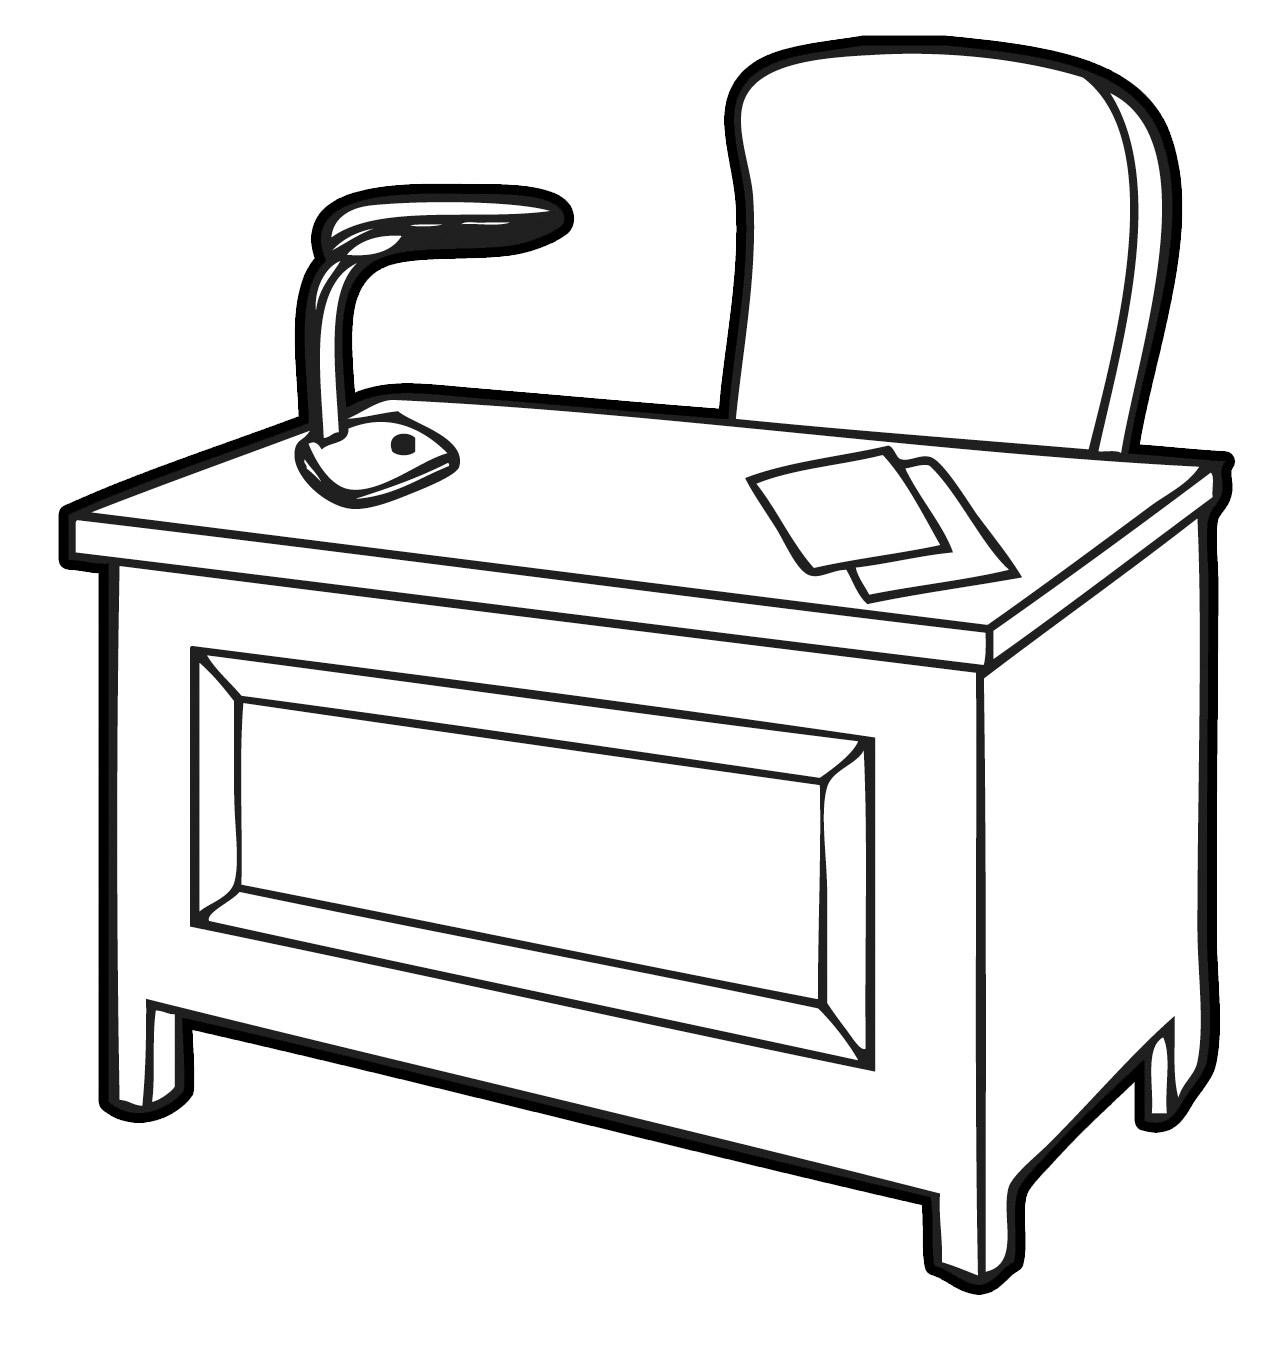 Desk Clipart Free.